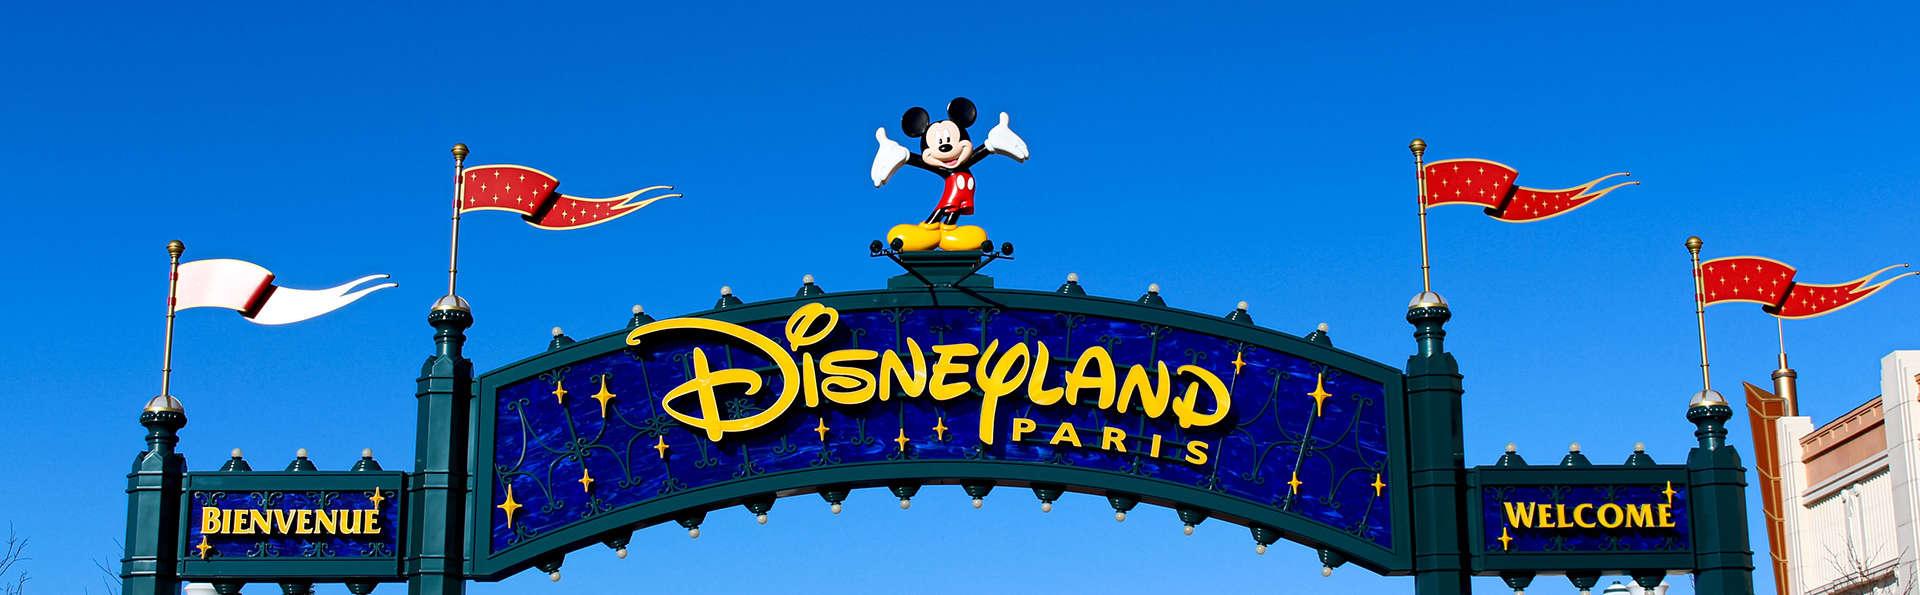 Séjour au cœur de la défense et féerie à Disneyland® Paris (1 Jour / 2 Parcs)